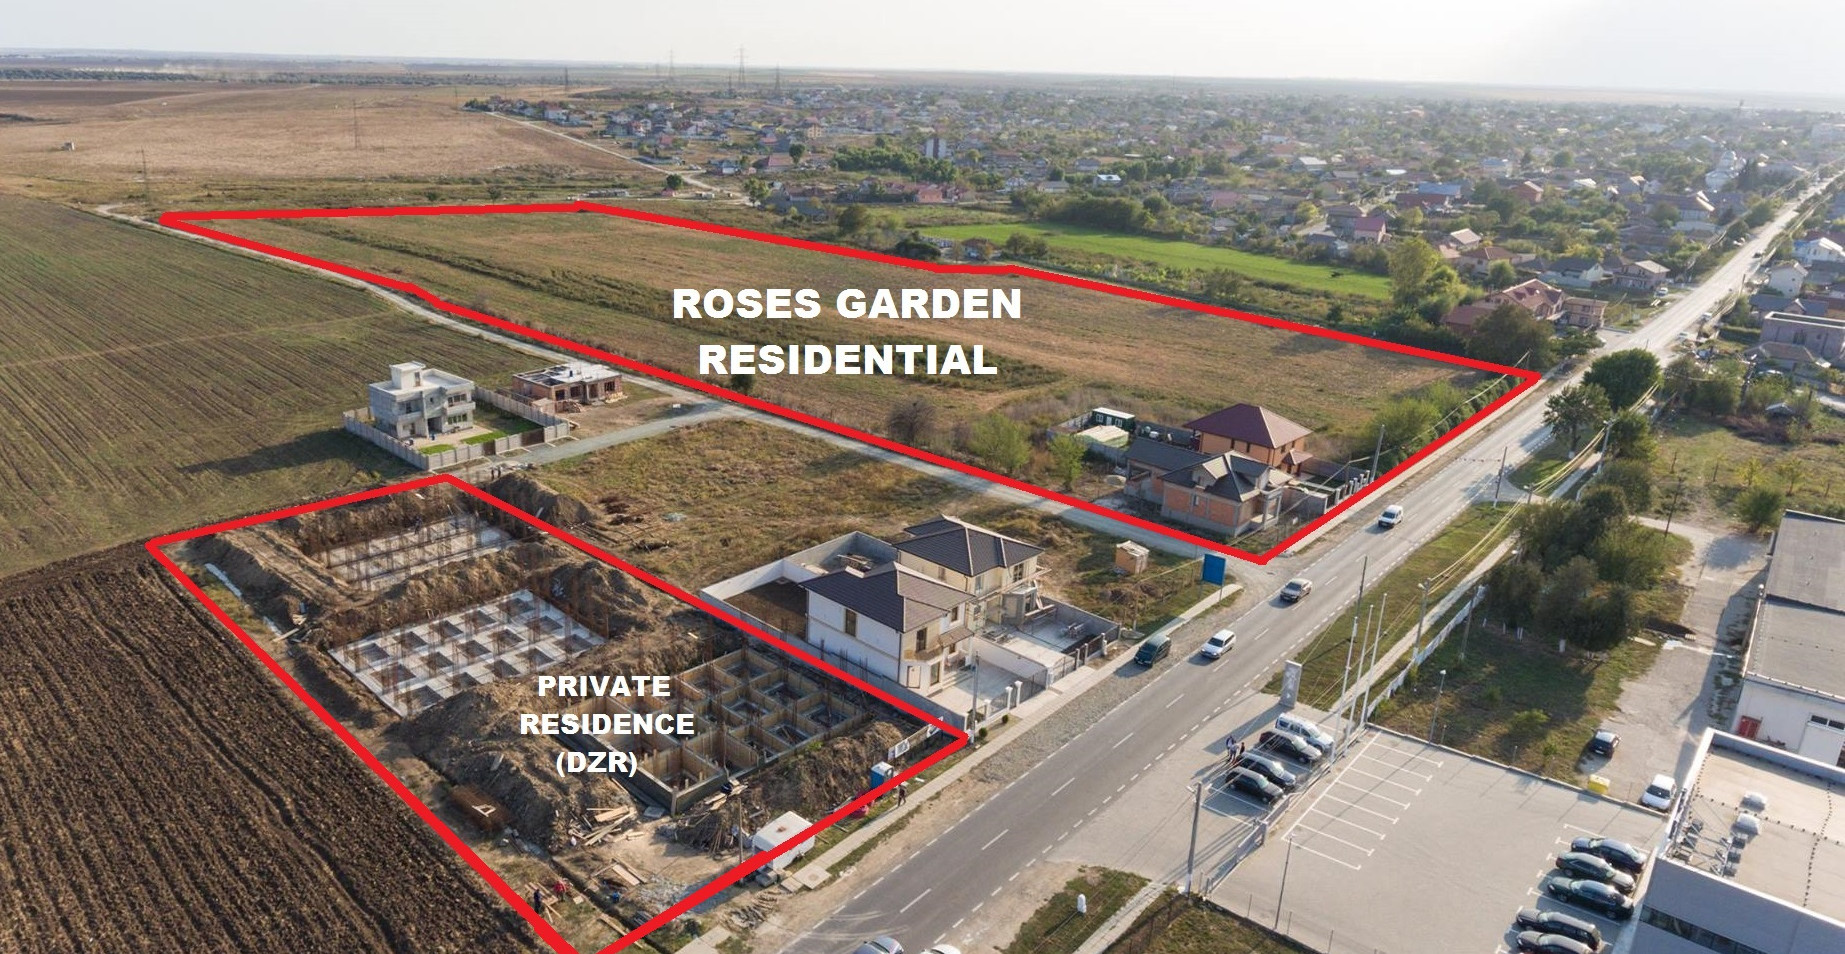 Roses Garden Aerial View (1).jpg